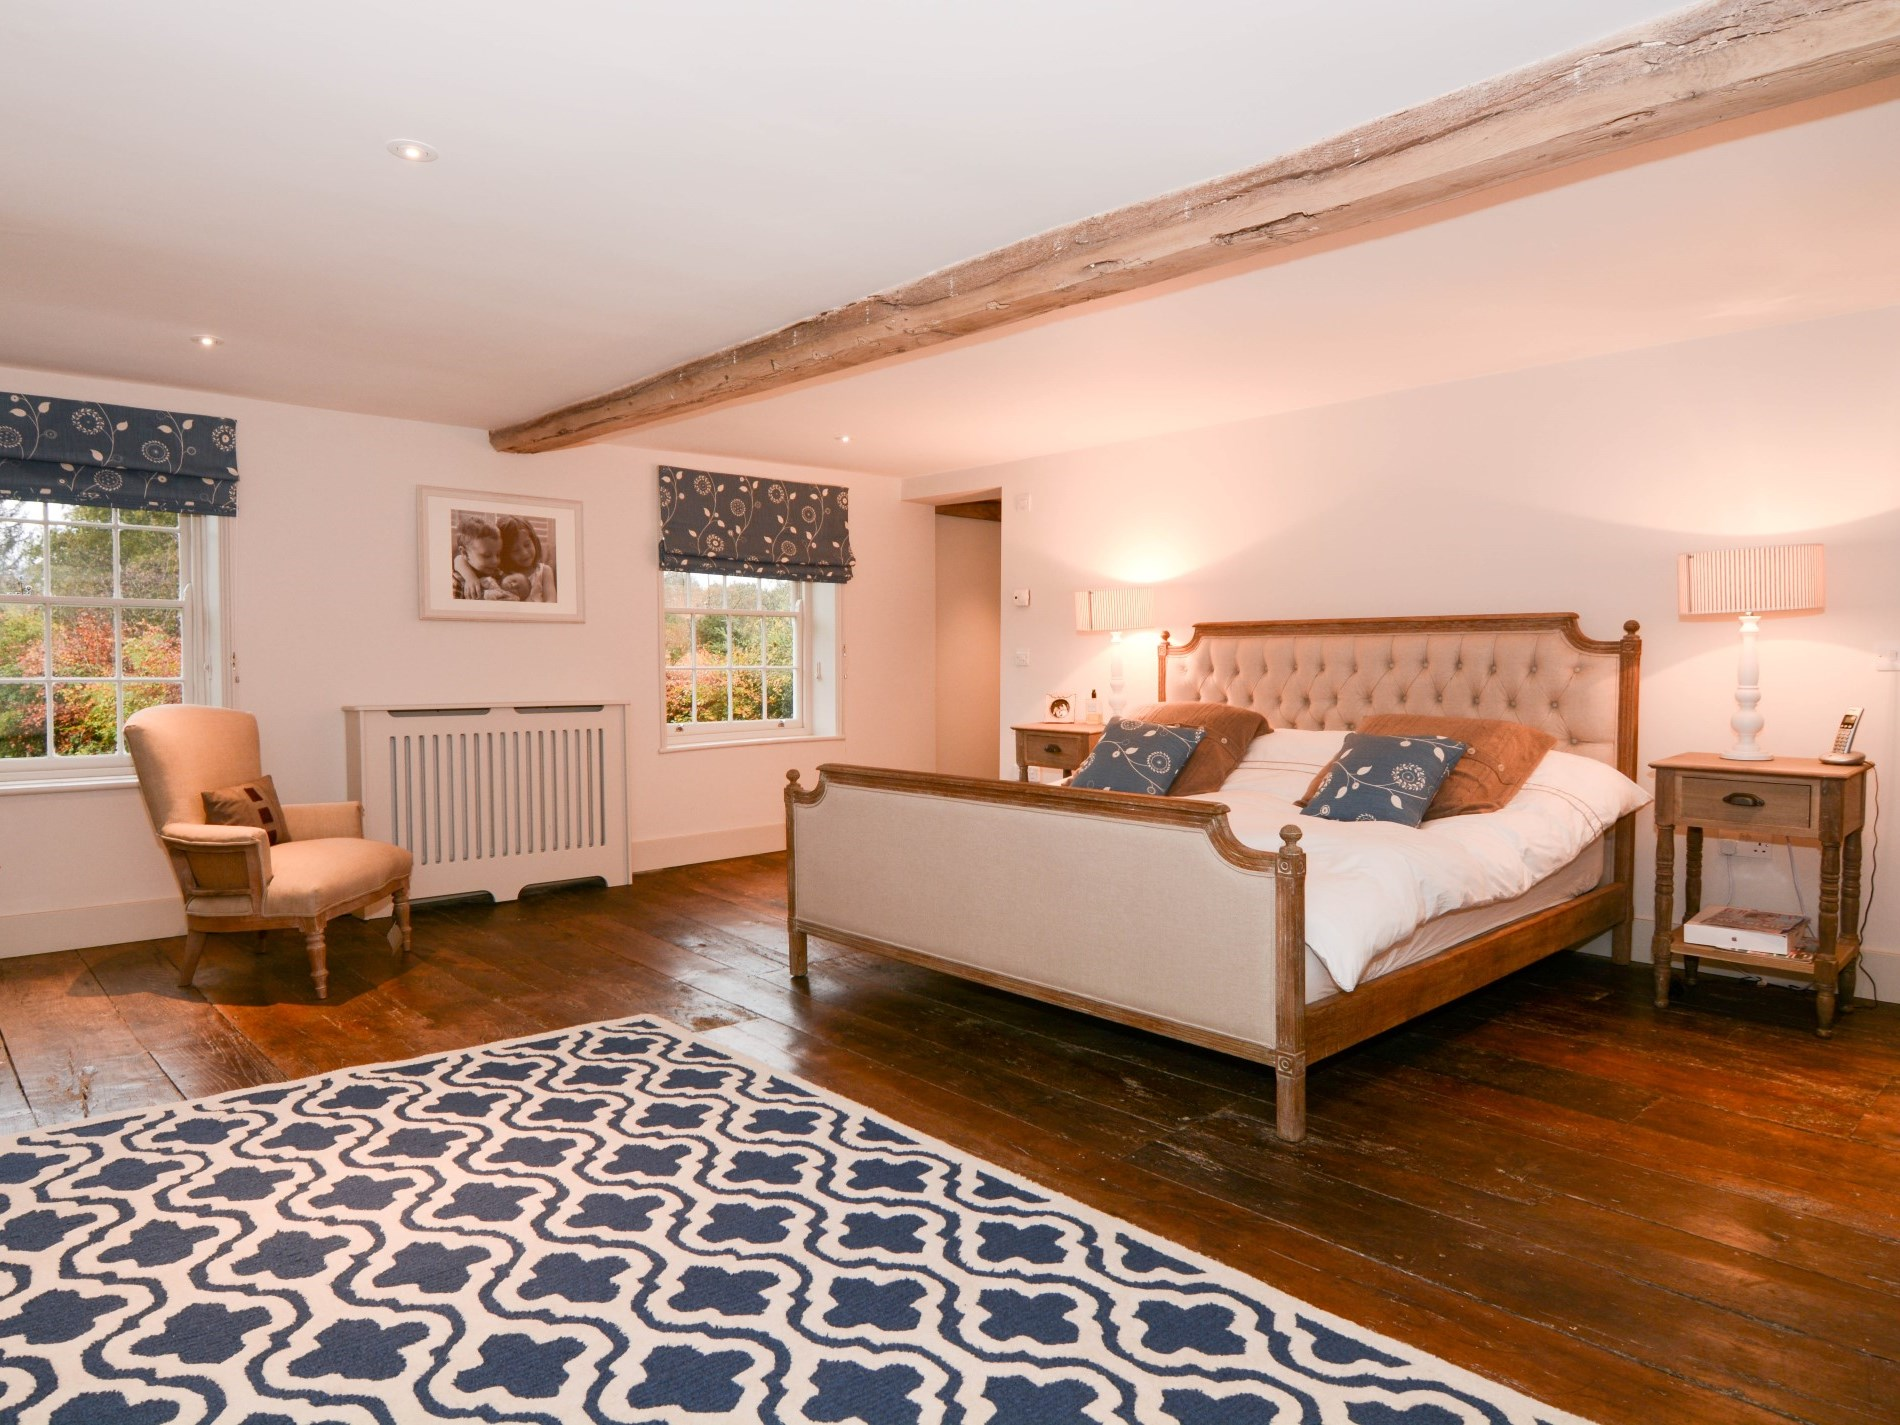 Super-king-size bedroom